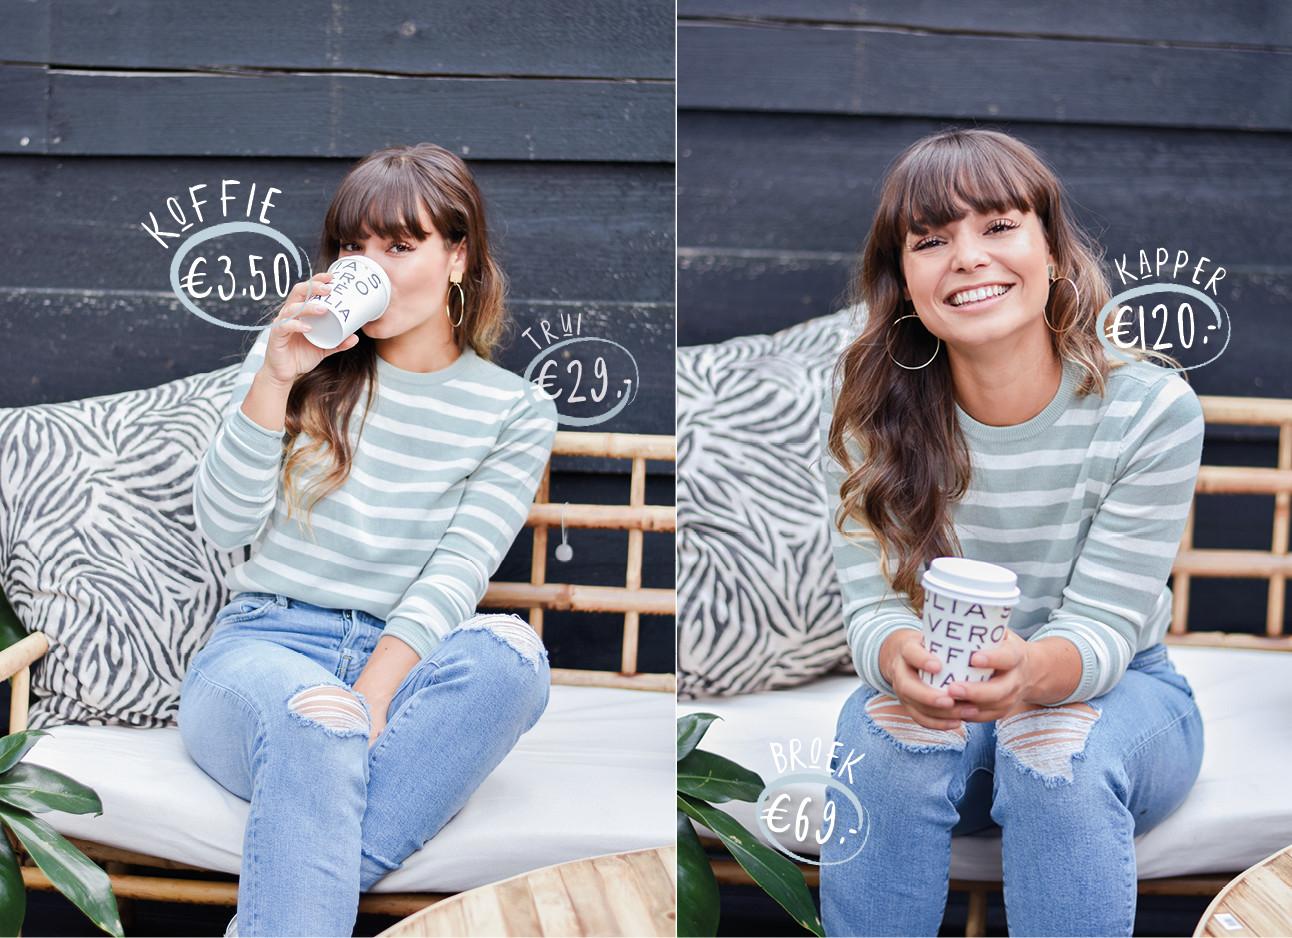 Kiki lachend in de tuin op de redactie met een koffie to go lachend